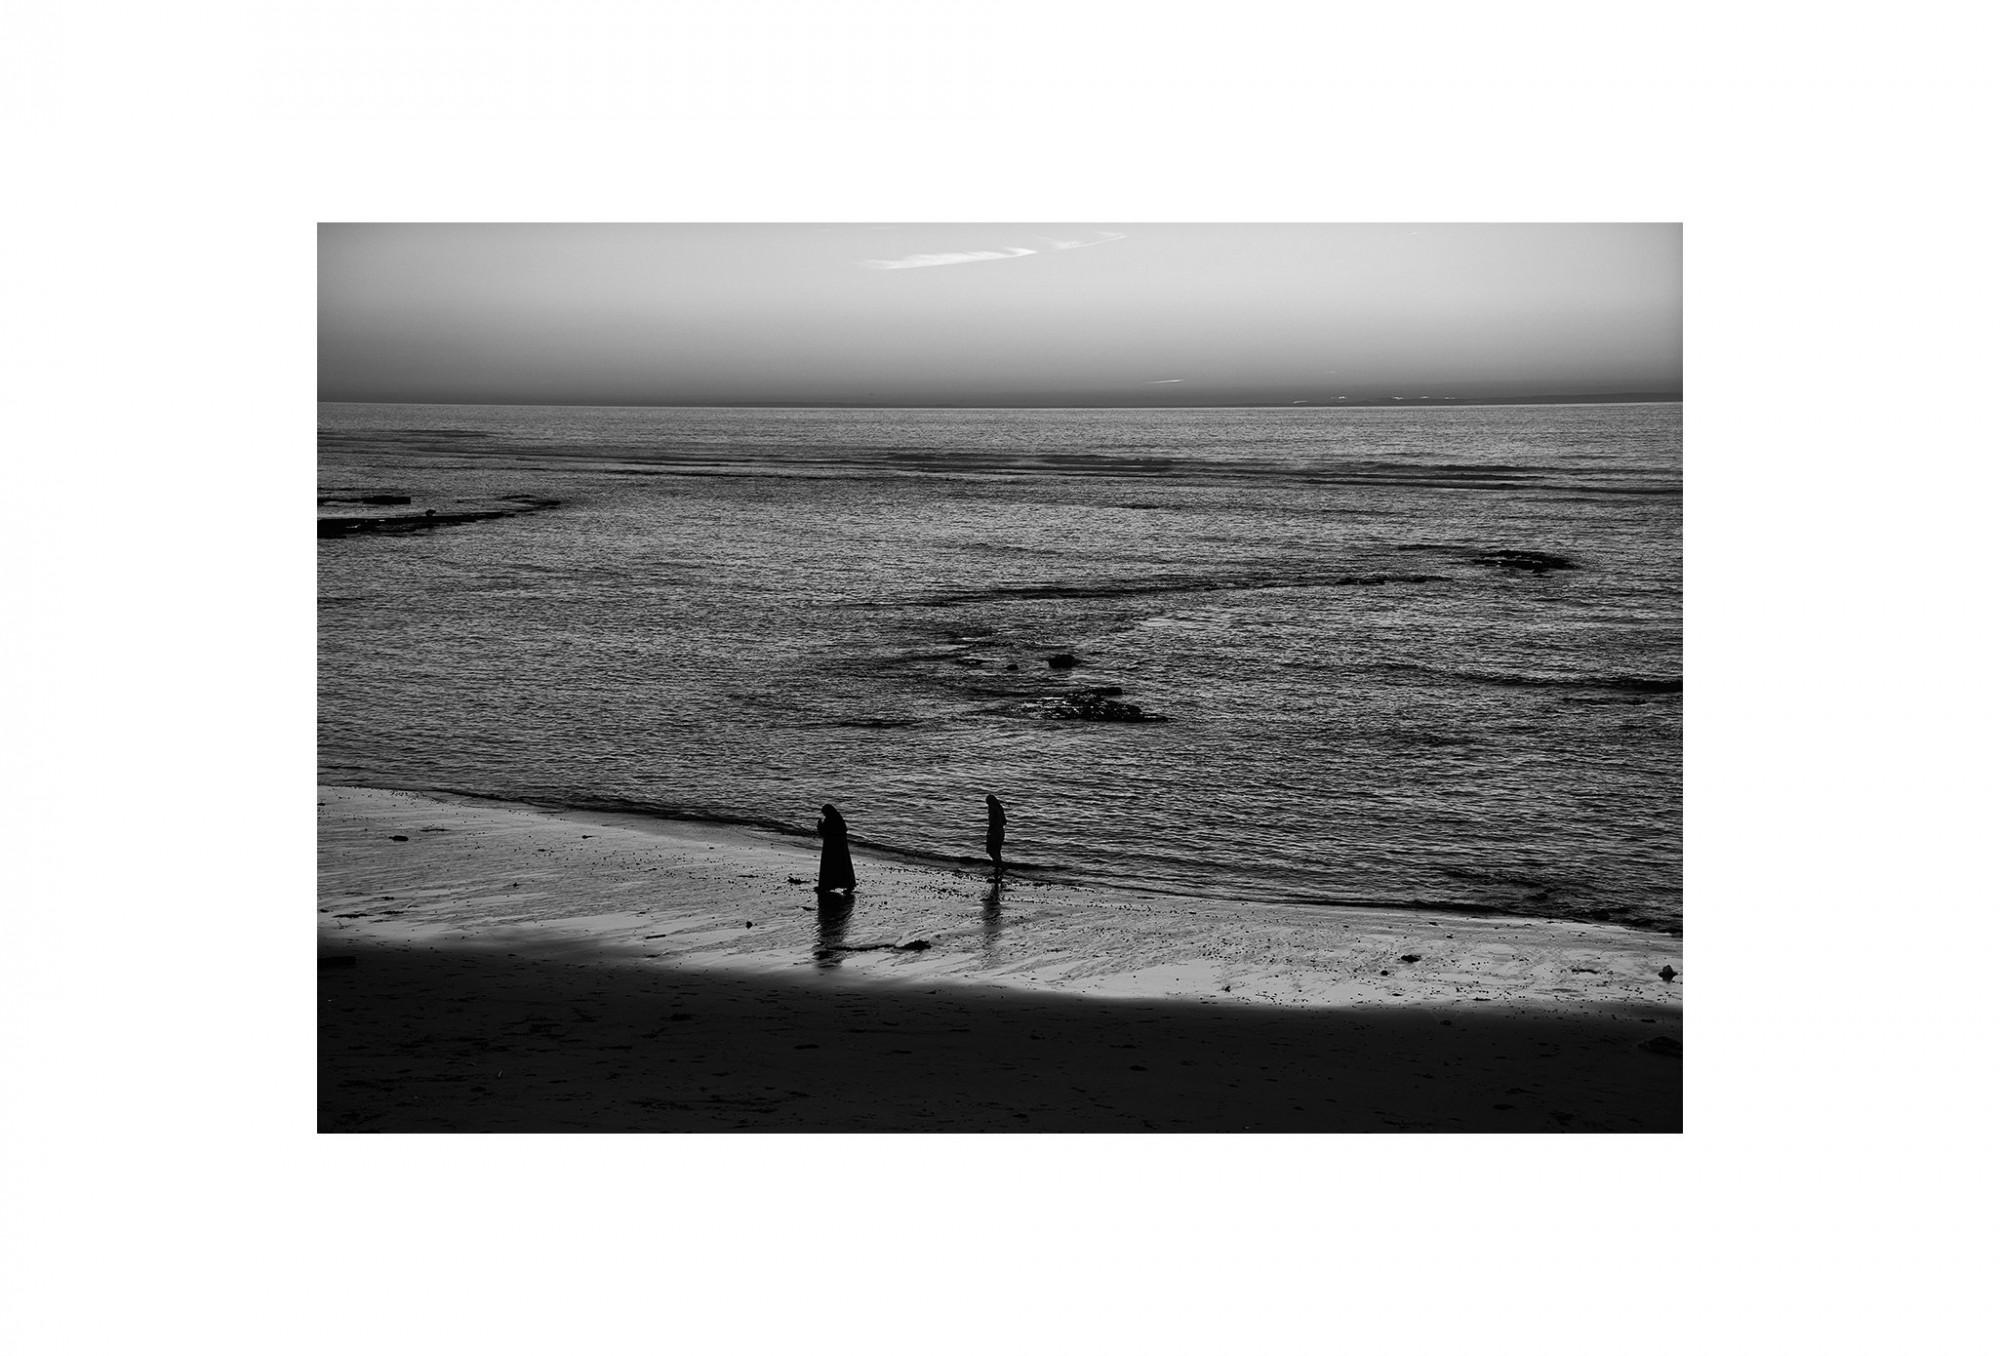 Afbeelding: Landscape Asilah, Marocco, © Dominique Van Huffel, foto kunst zwart wit, landschapsfotografie.